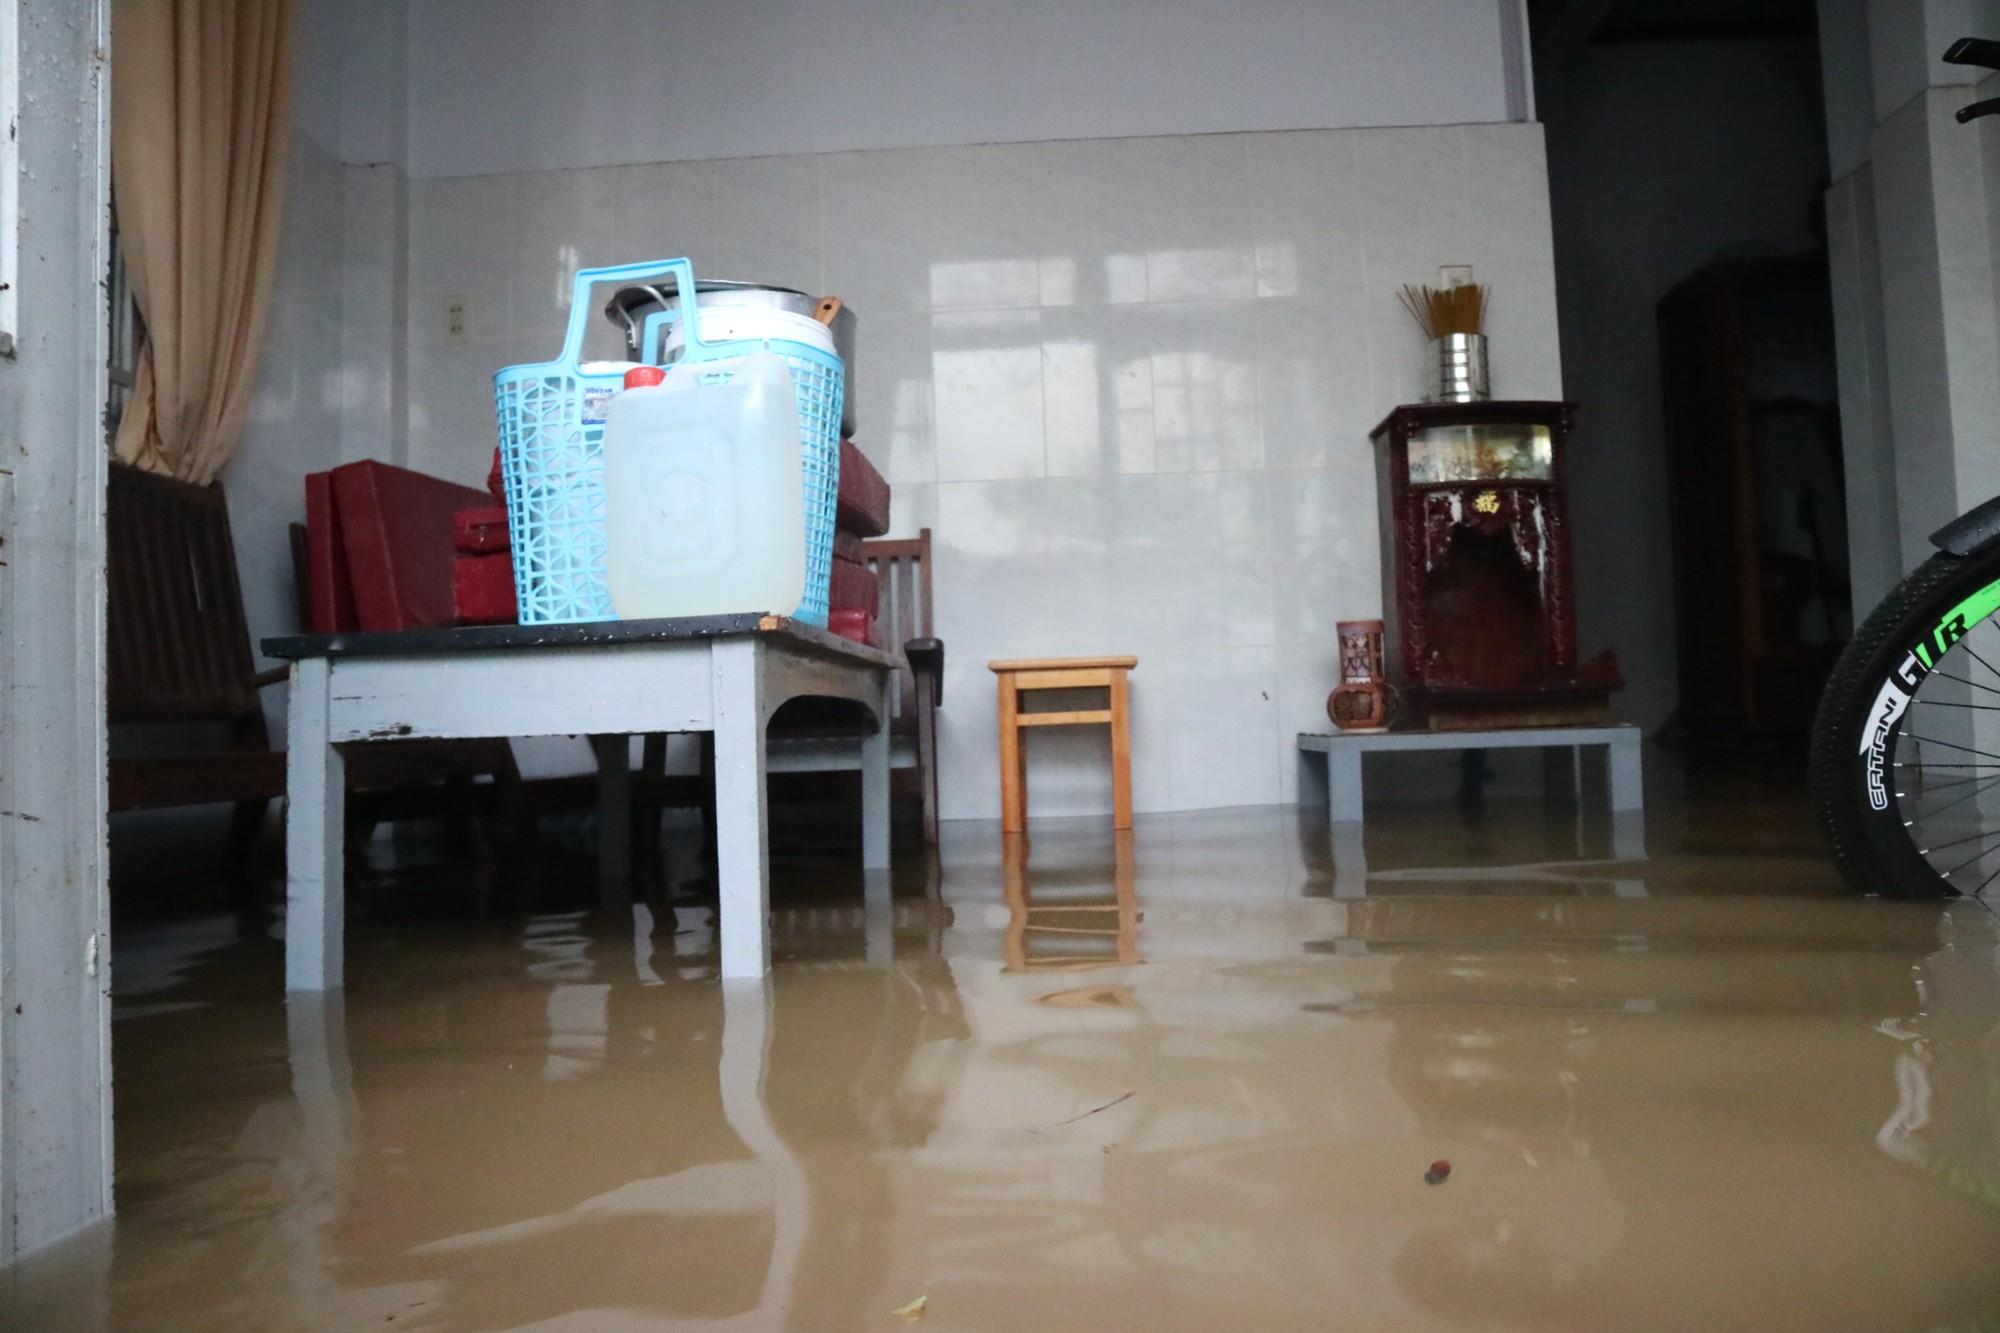 Đà Lạt mưa lớn kéo dài, nhiều nơi ngập nặng, người dân cuống cuồng lội nước - Ảnh 4.